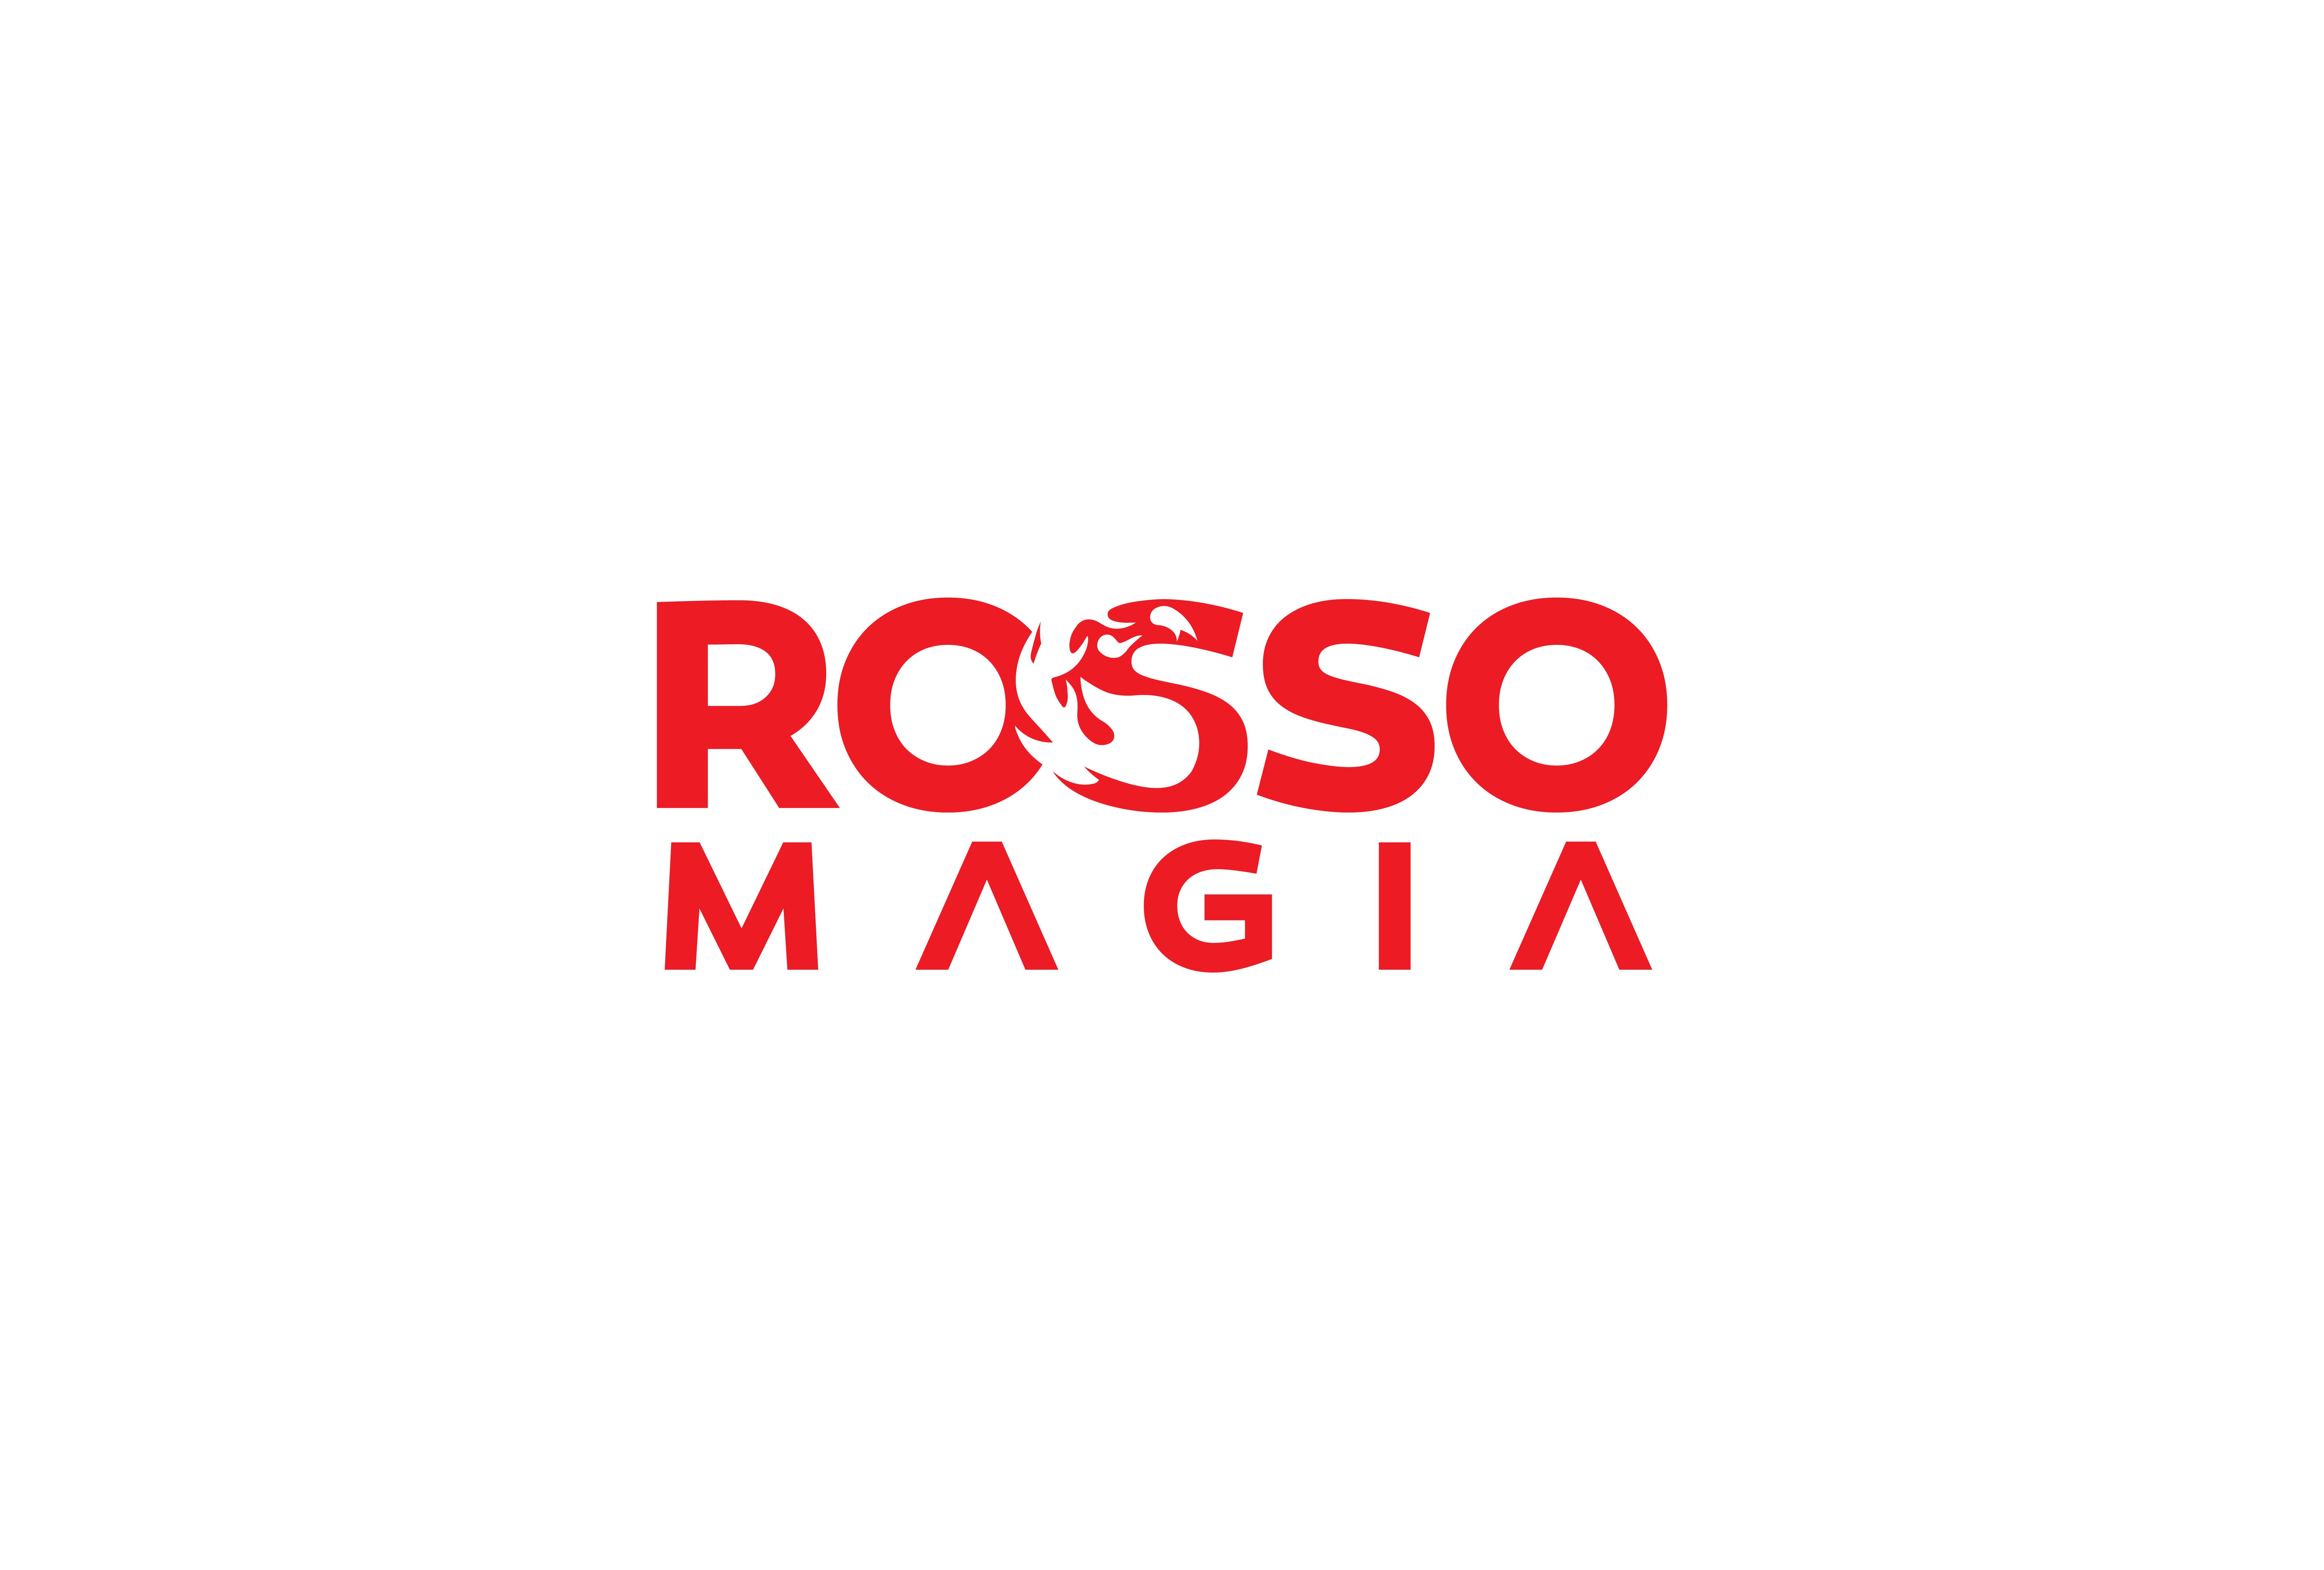 Rosso Magia